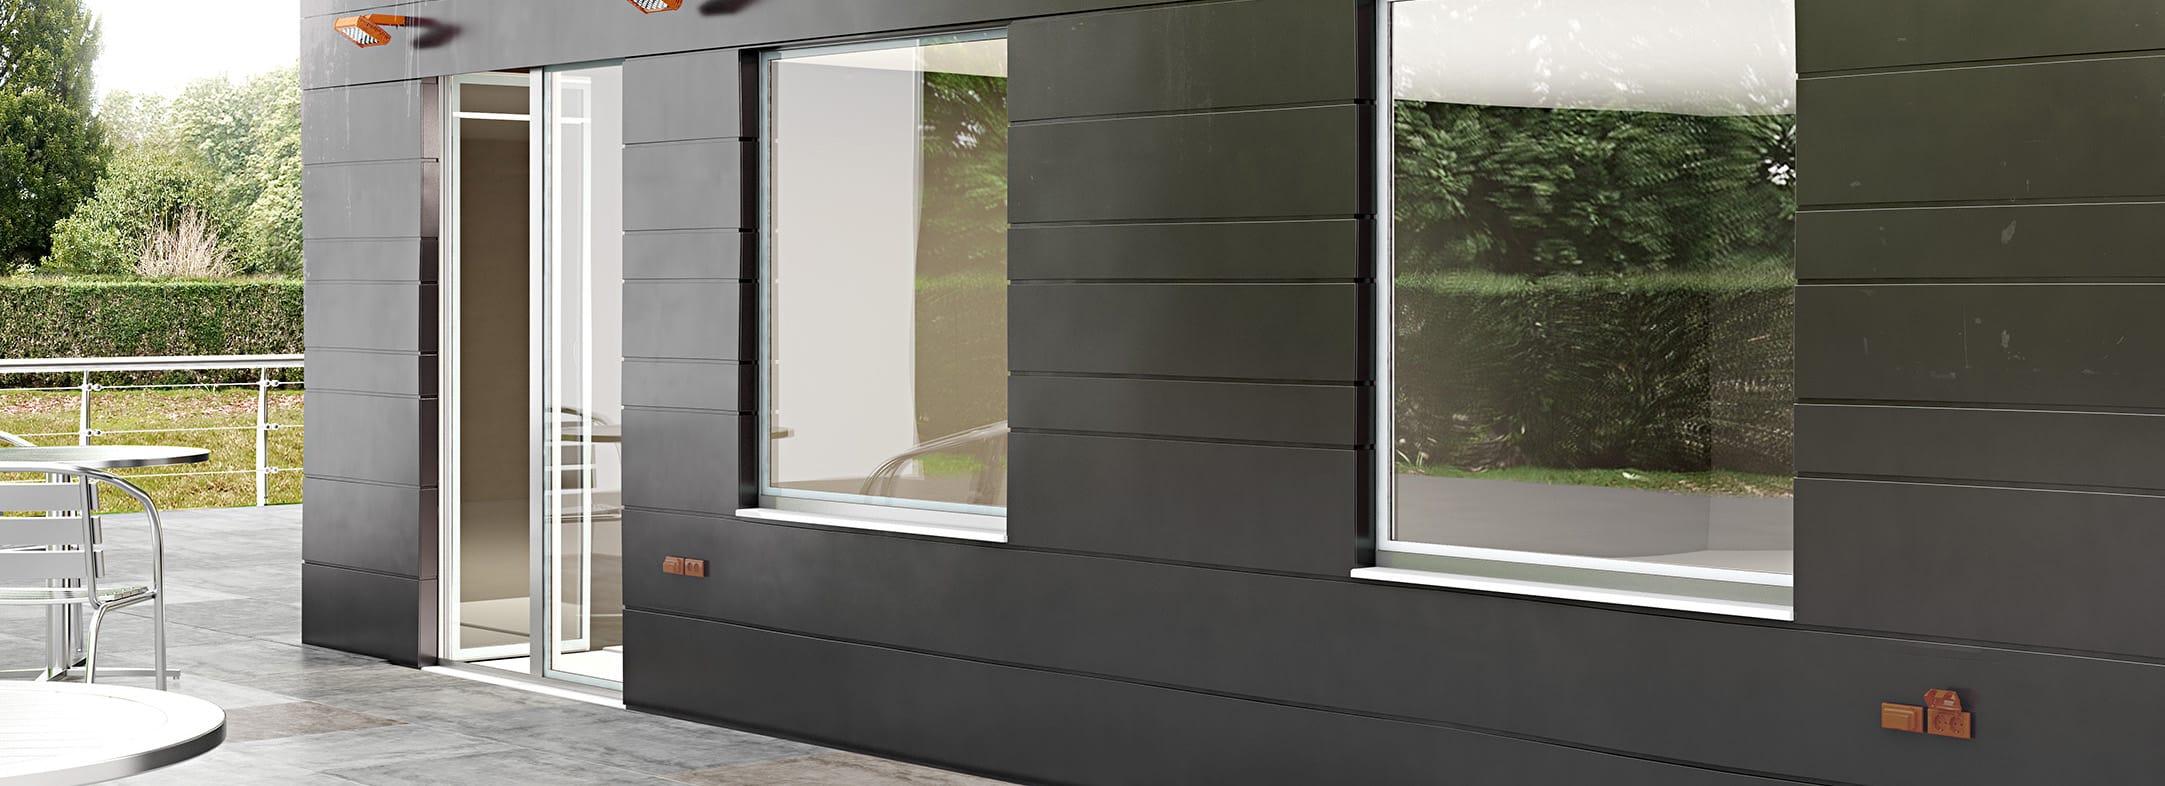 Infissi in pvc legno alluminio porte blindate a vicenza top chiusure infissi e serramenti rosa 39 - Porte e finestre vicenza ...